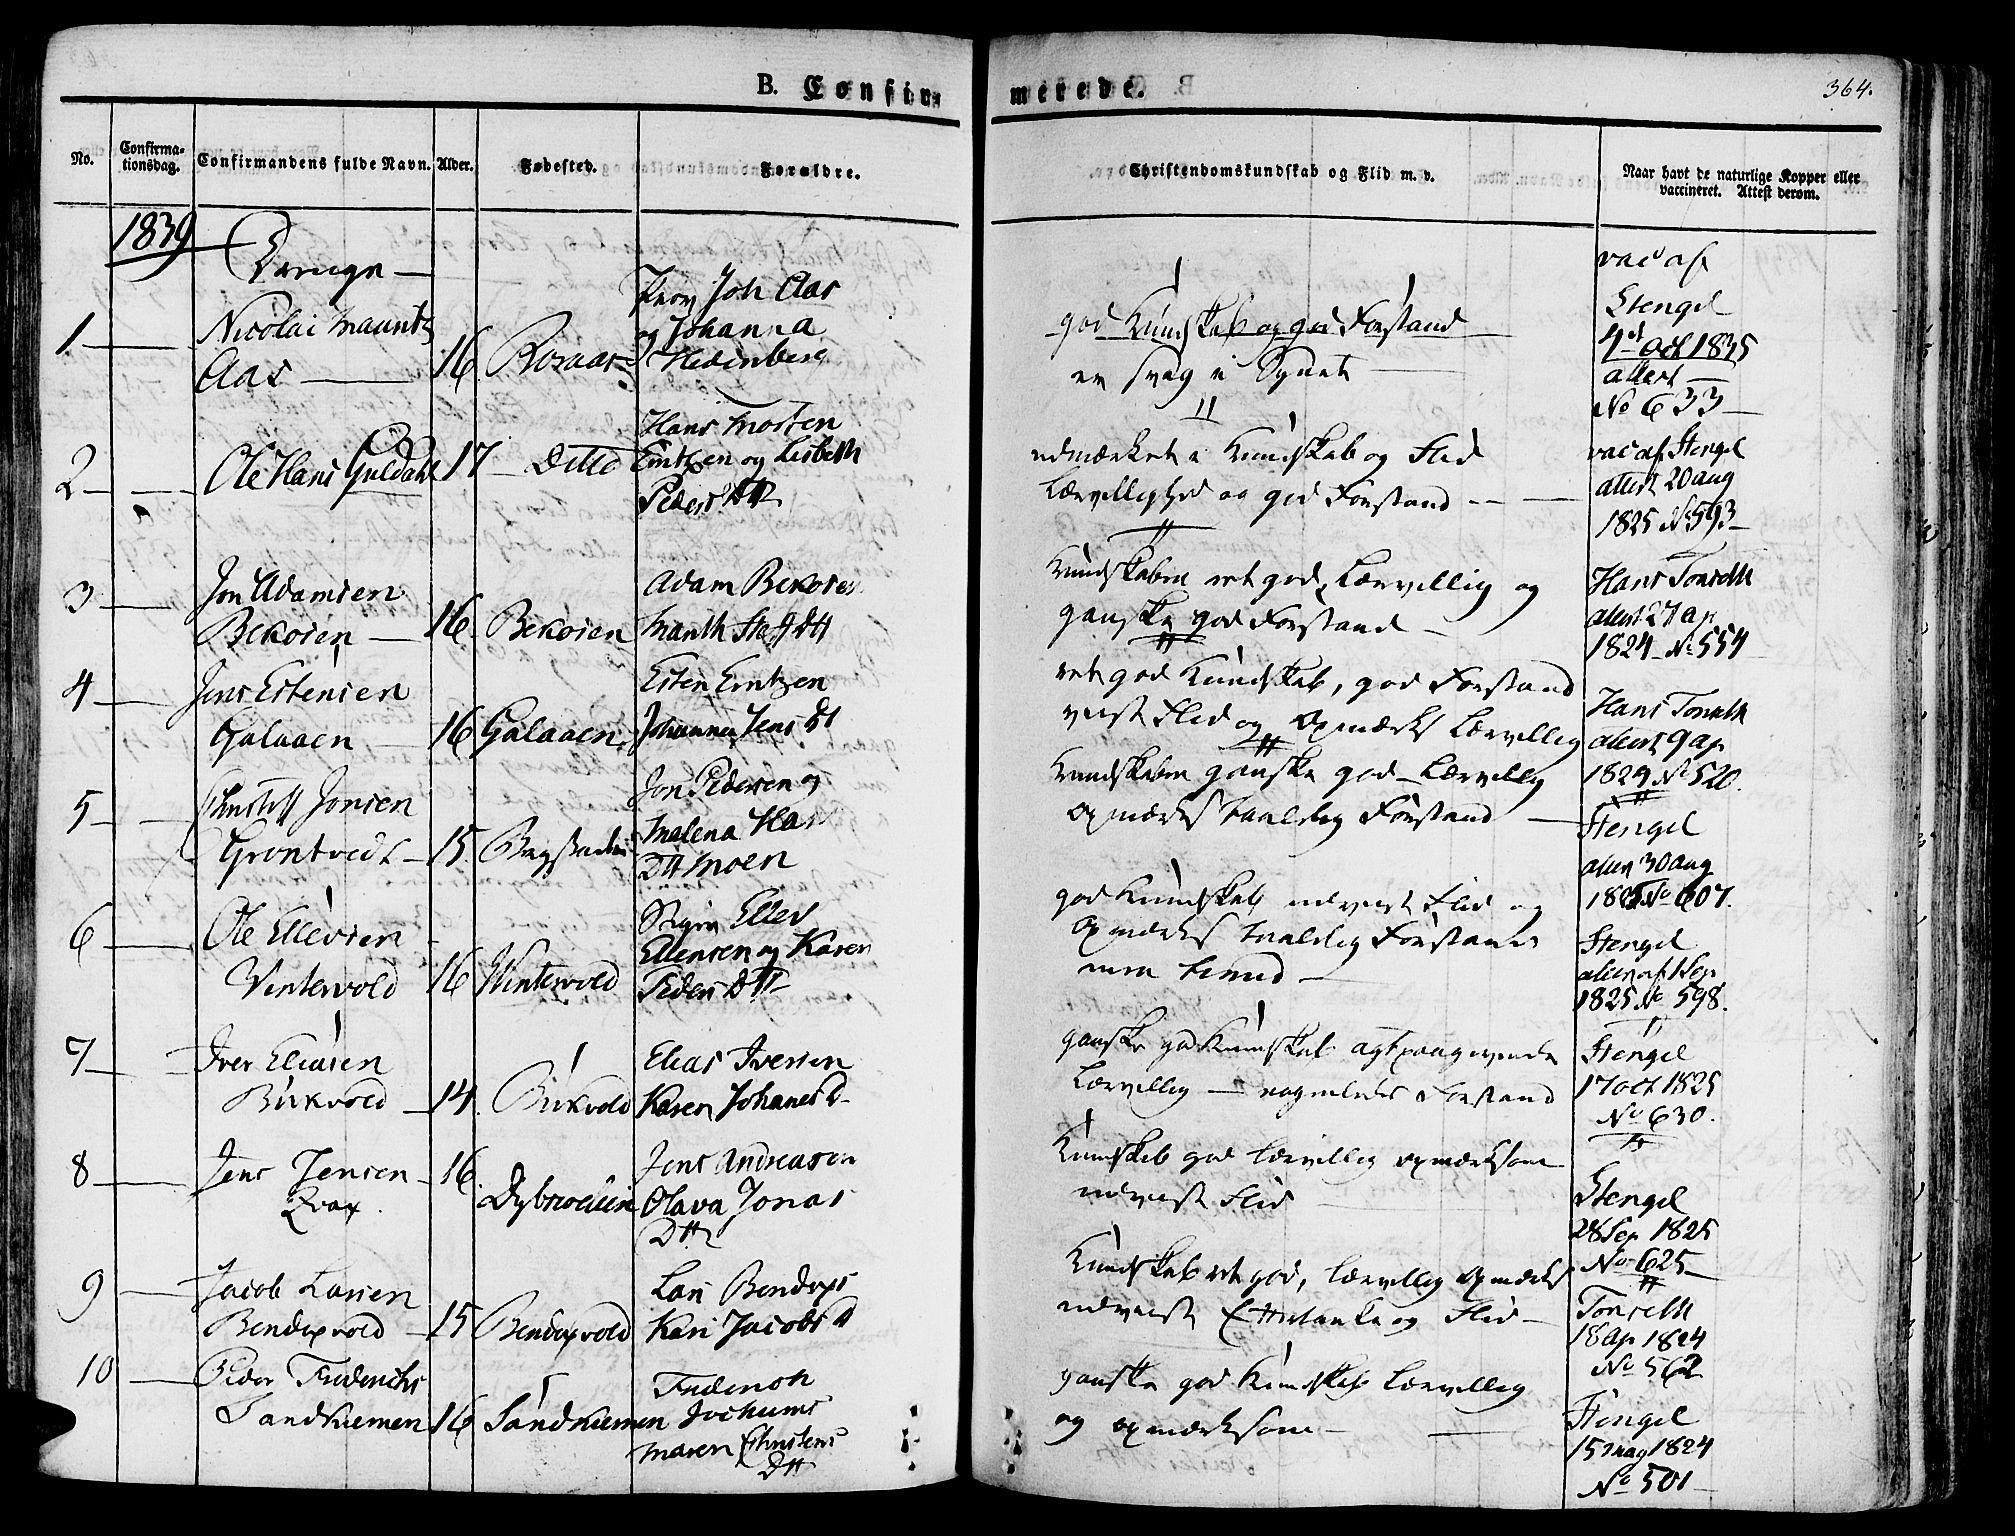 SAT, Ministerialprotokoller, klokkerbøker og fødselsregistre - Sør-Trøndelag, 681/L0930: Ministerialbok nr. 681A08, 1829-1844, s. 364